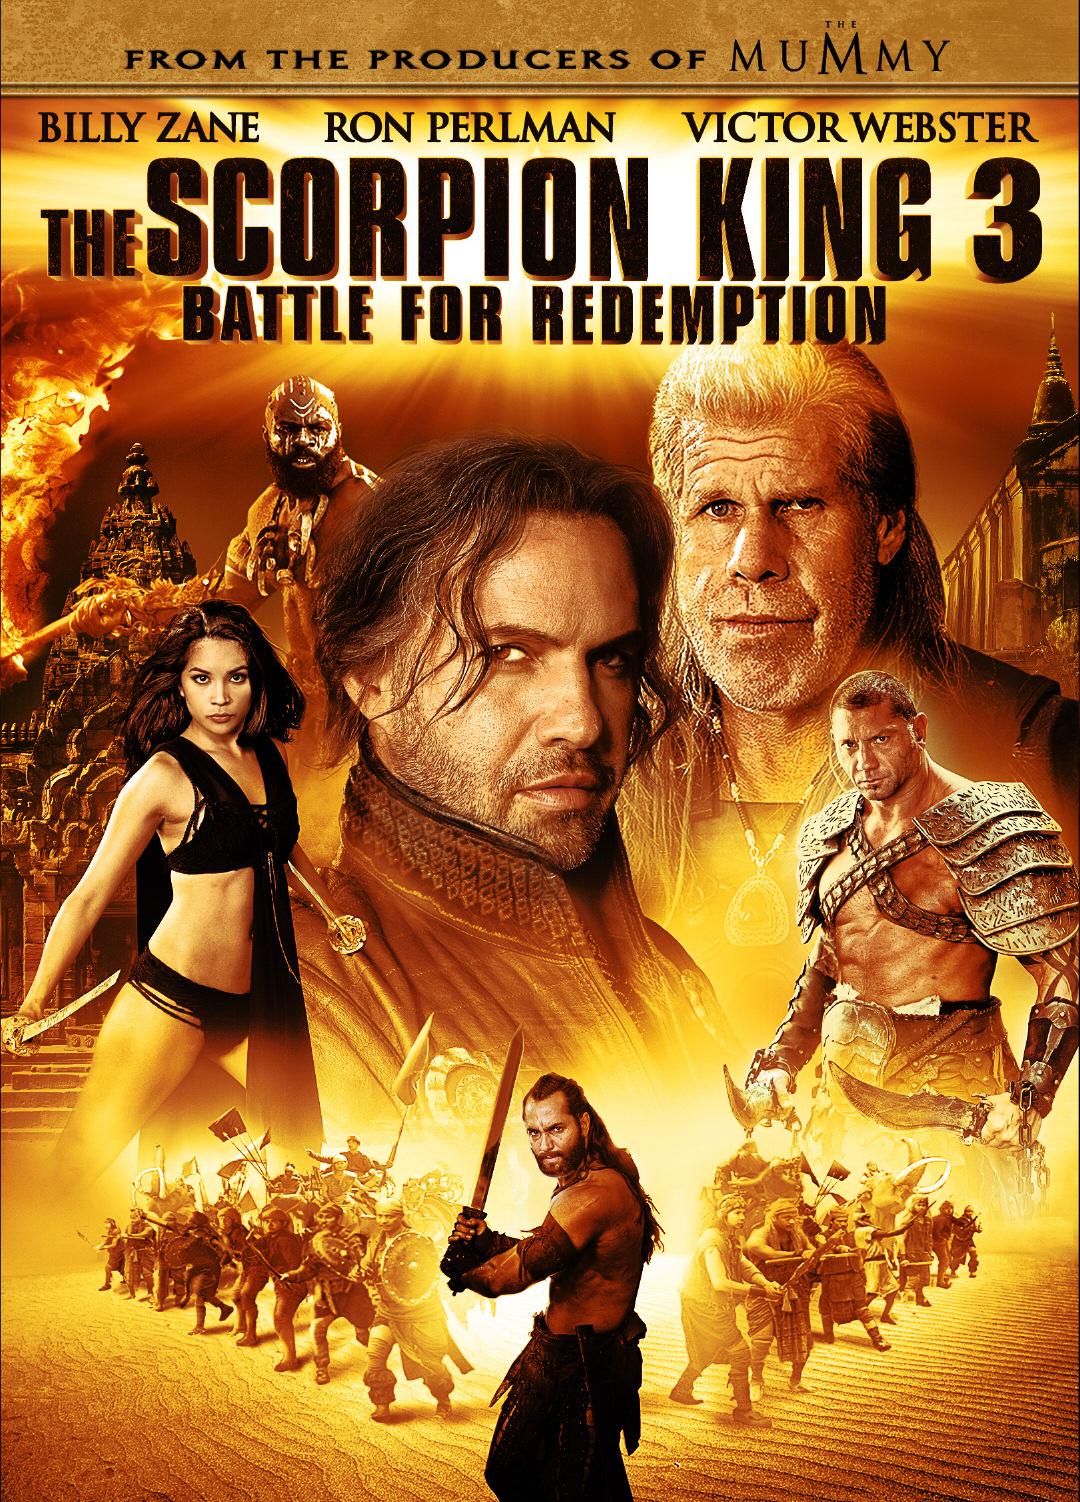 http://3.bp.blogspot.com/-dfWVYE1DdkY/TpfSeuvqDMI/AAAAAAAAPcE/_lGM4YQxciY/s1600/scorpion+king+3_box+art+Final+10-13.JPG